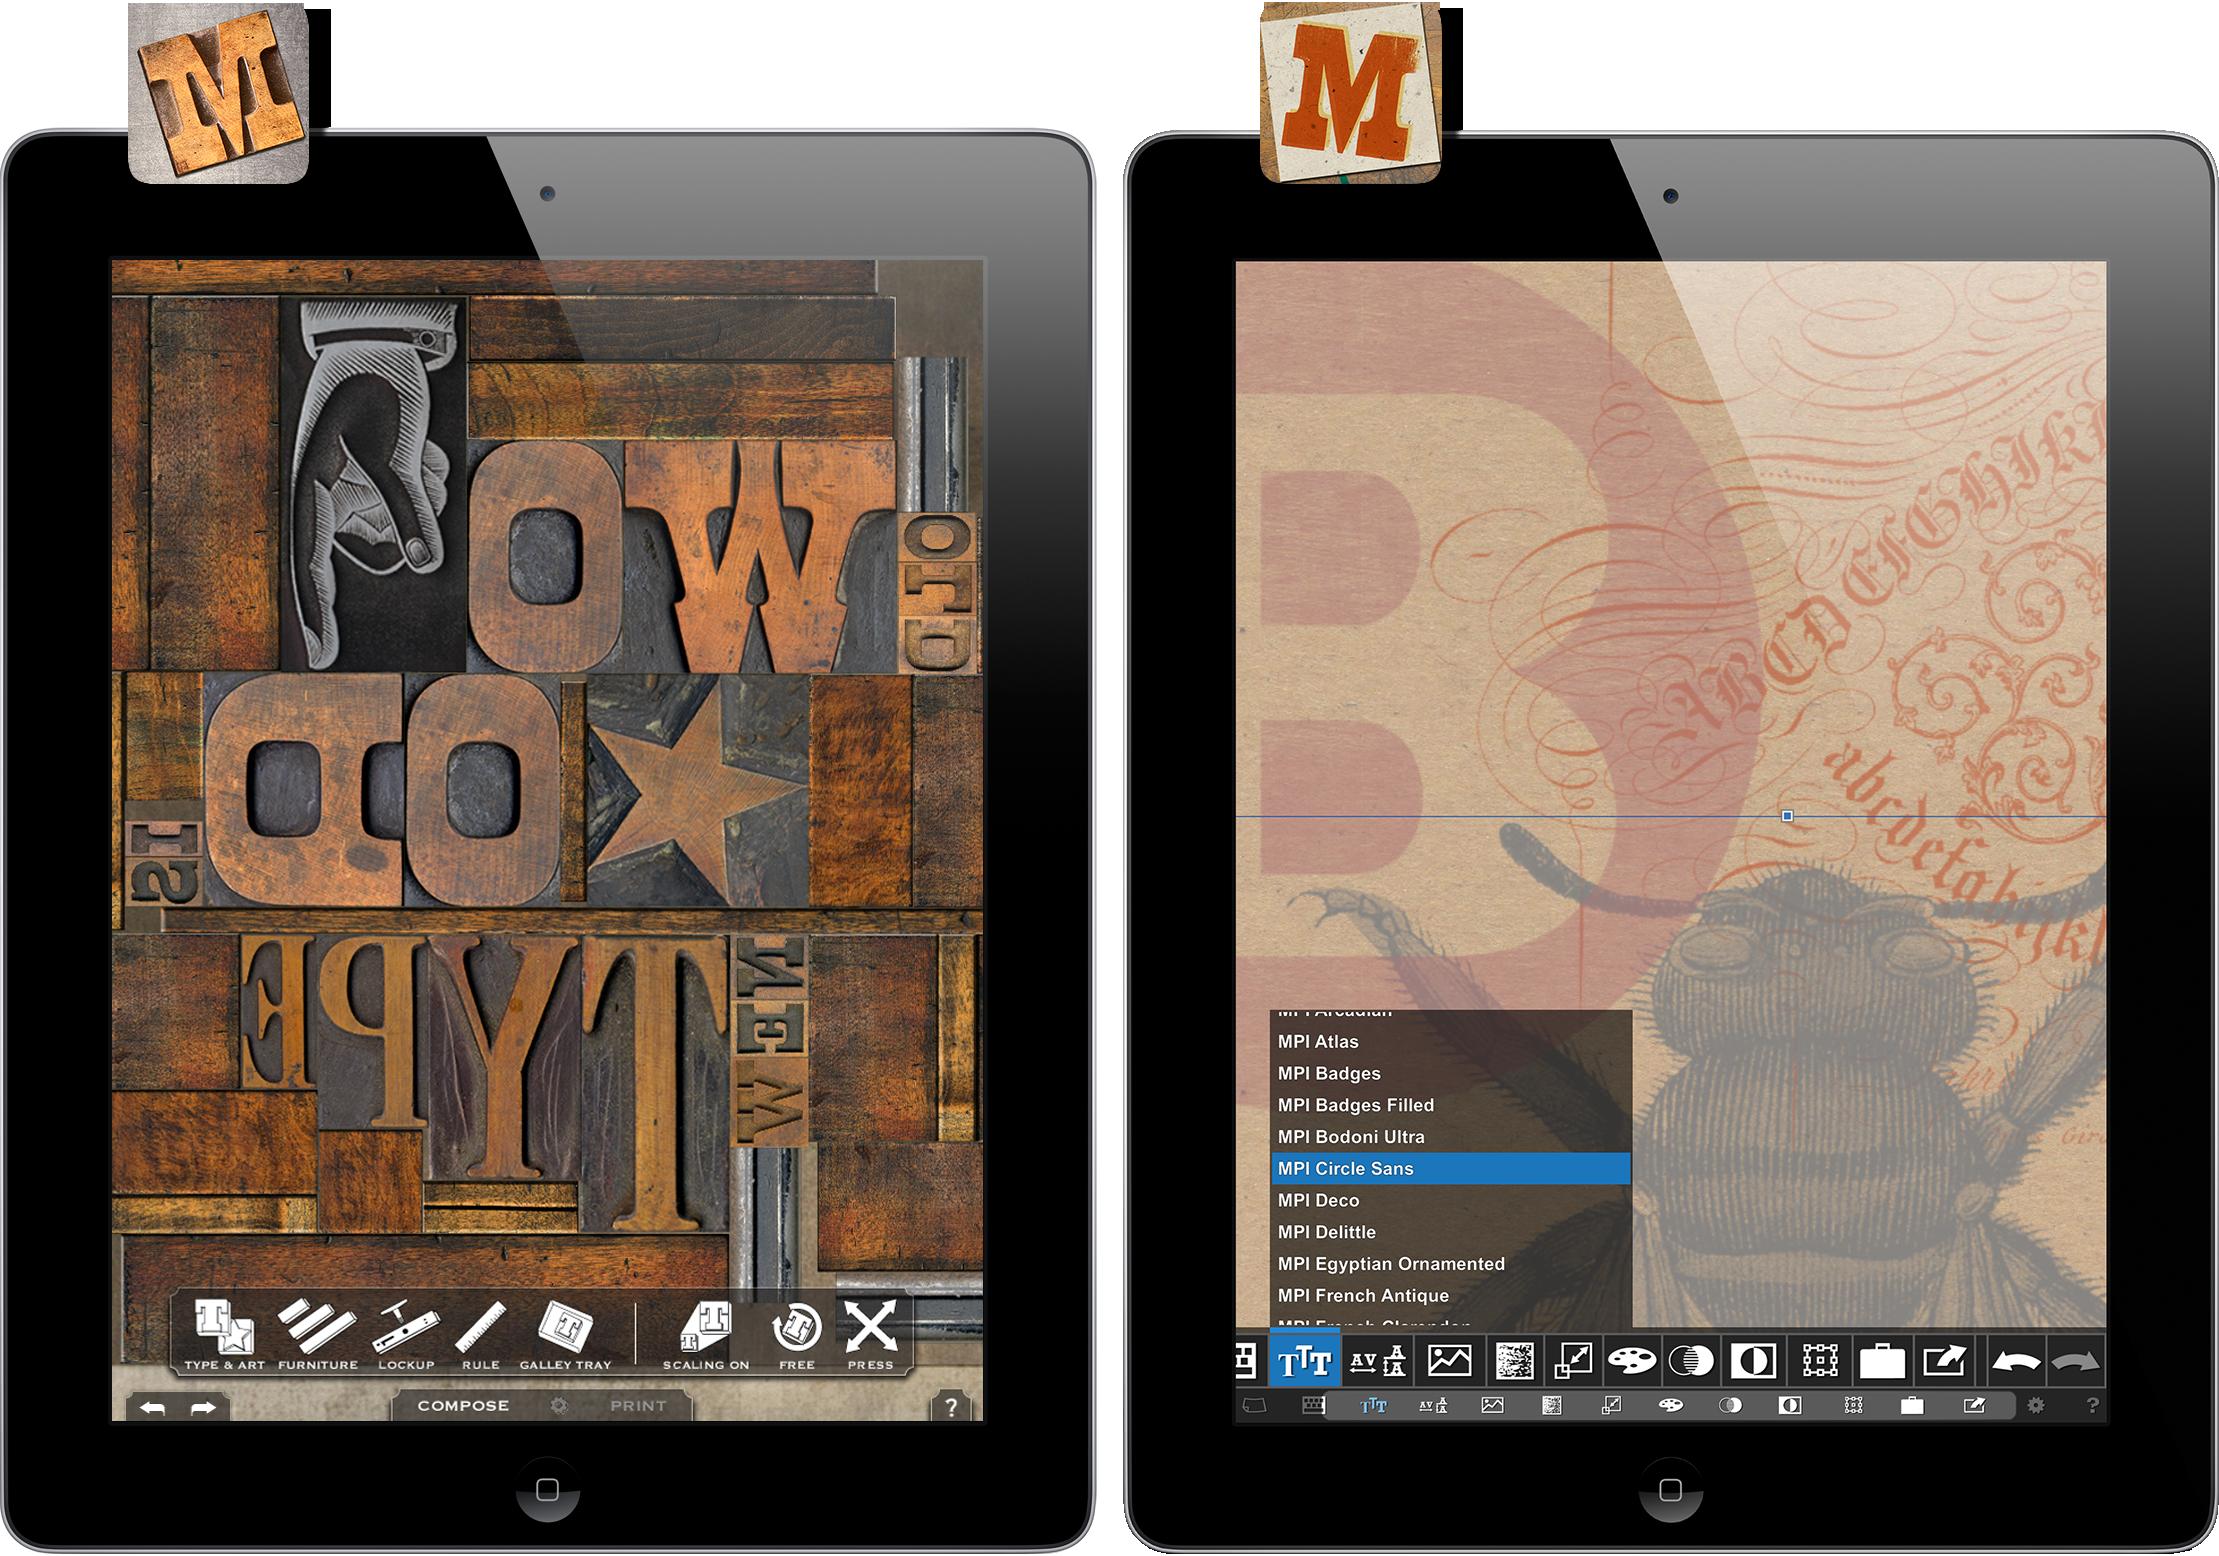 John Bonadies - App Design: Creating SimplyMpress